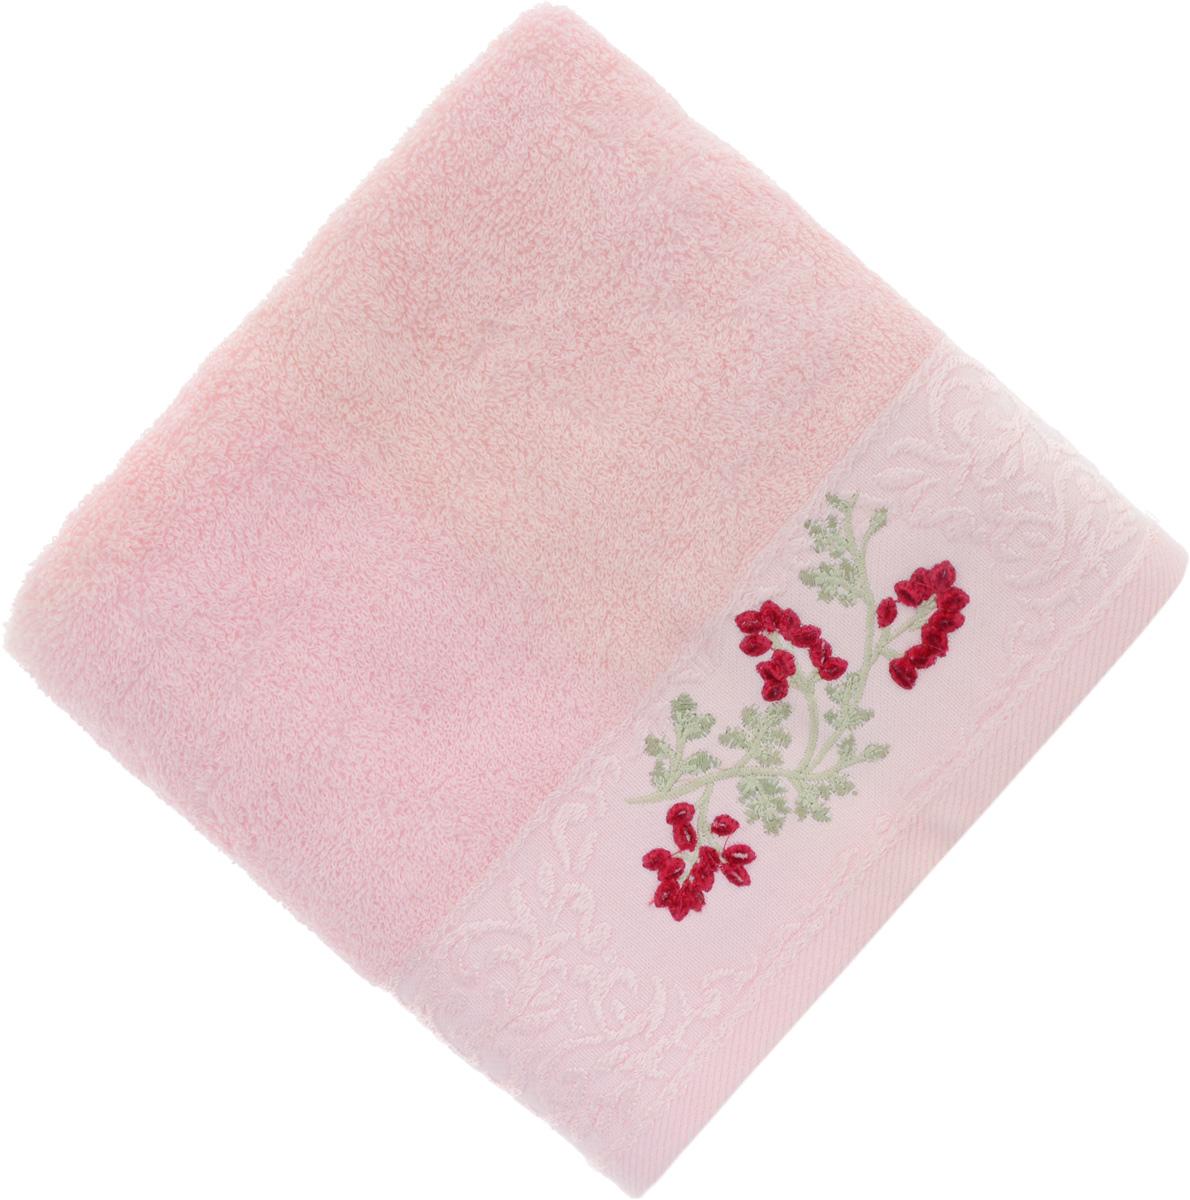 Полотенце Soavita Кизил, цвет: розовый, 50 х 90 см51819Полотенце Soavita Кизил выполнено из 100% хлопка. Изделие отлично впитывает влагу, быстро сохнет, сохраняет яркость цвета и не теряет форму даже после многократных стирок. Полотенце очень практично и неприхотливо в уходе. Оно создаст прекрасное настроение и украсит интерьер в ванной комнате.